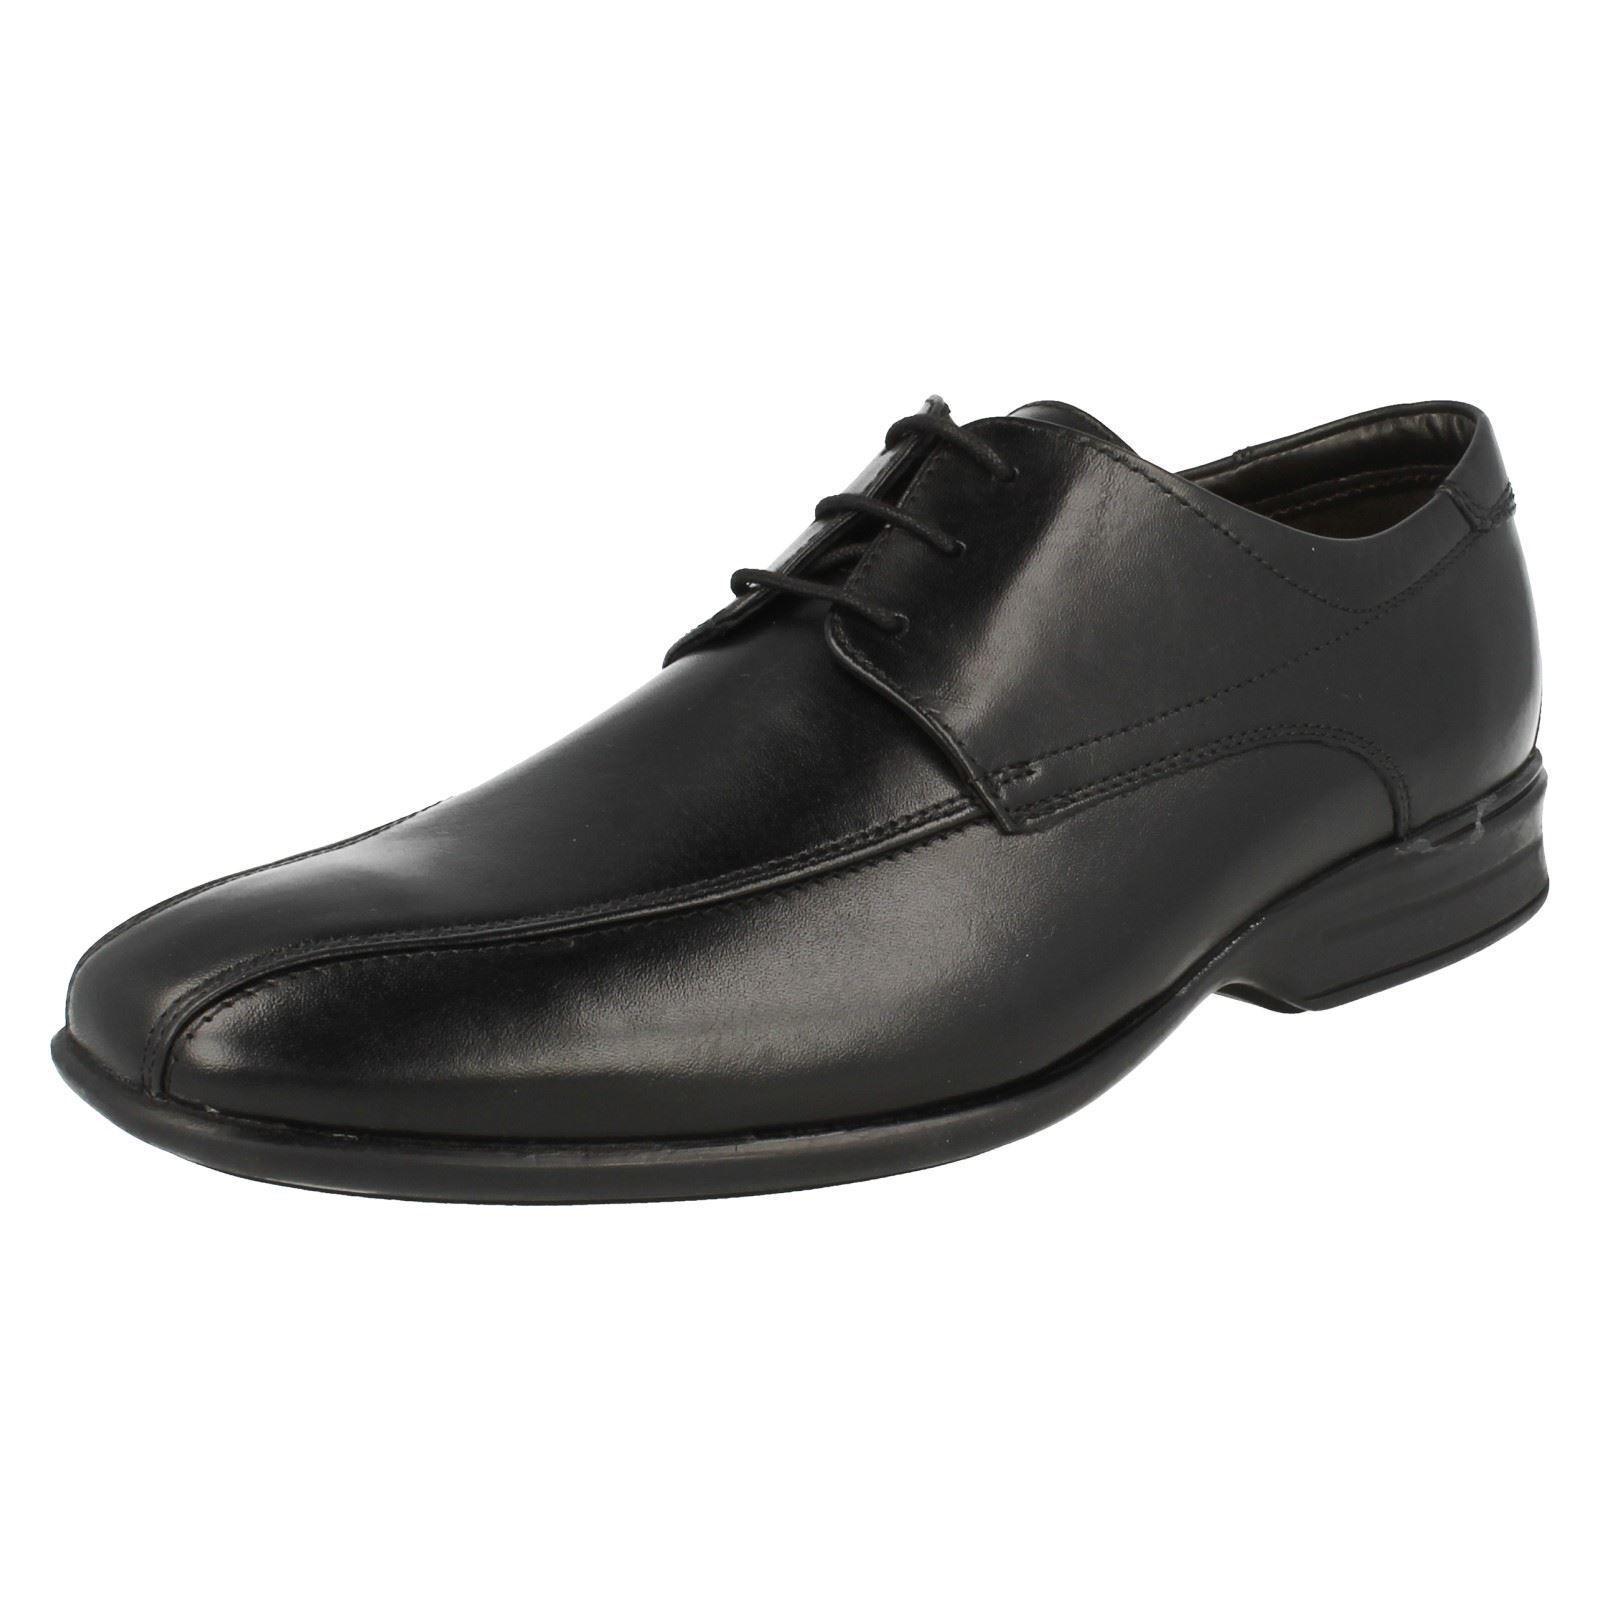 Herren Clarks gadwell über schwarz Leder Intelligente Spitzen sich Schuhe Norm